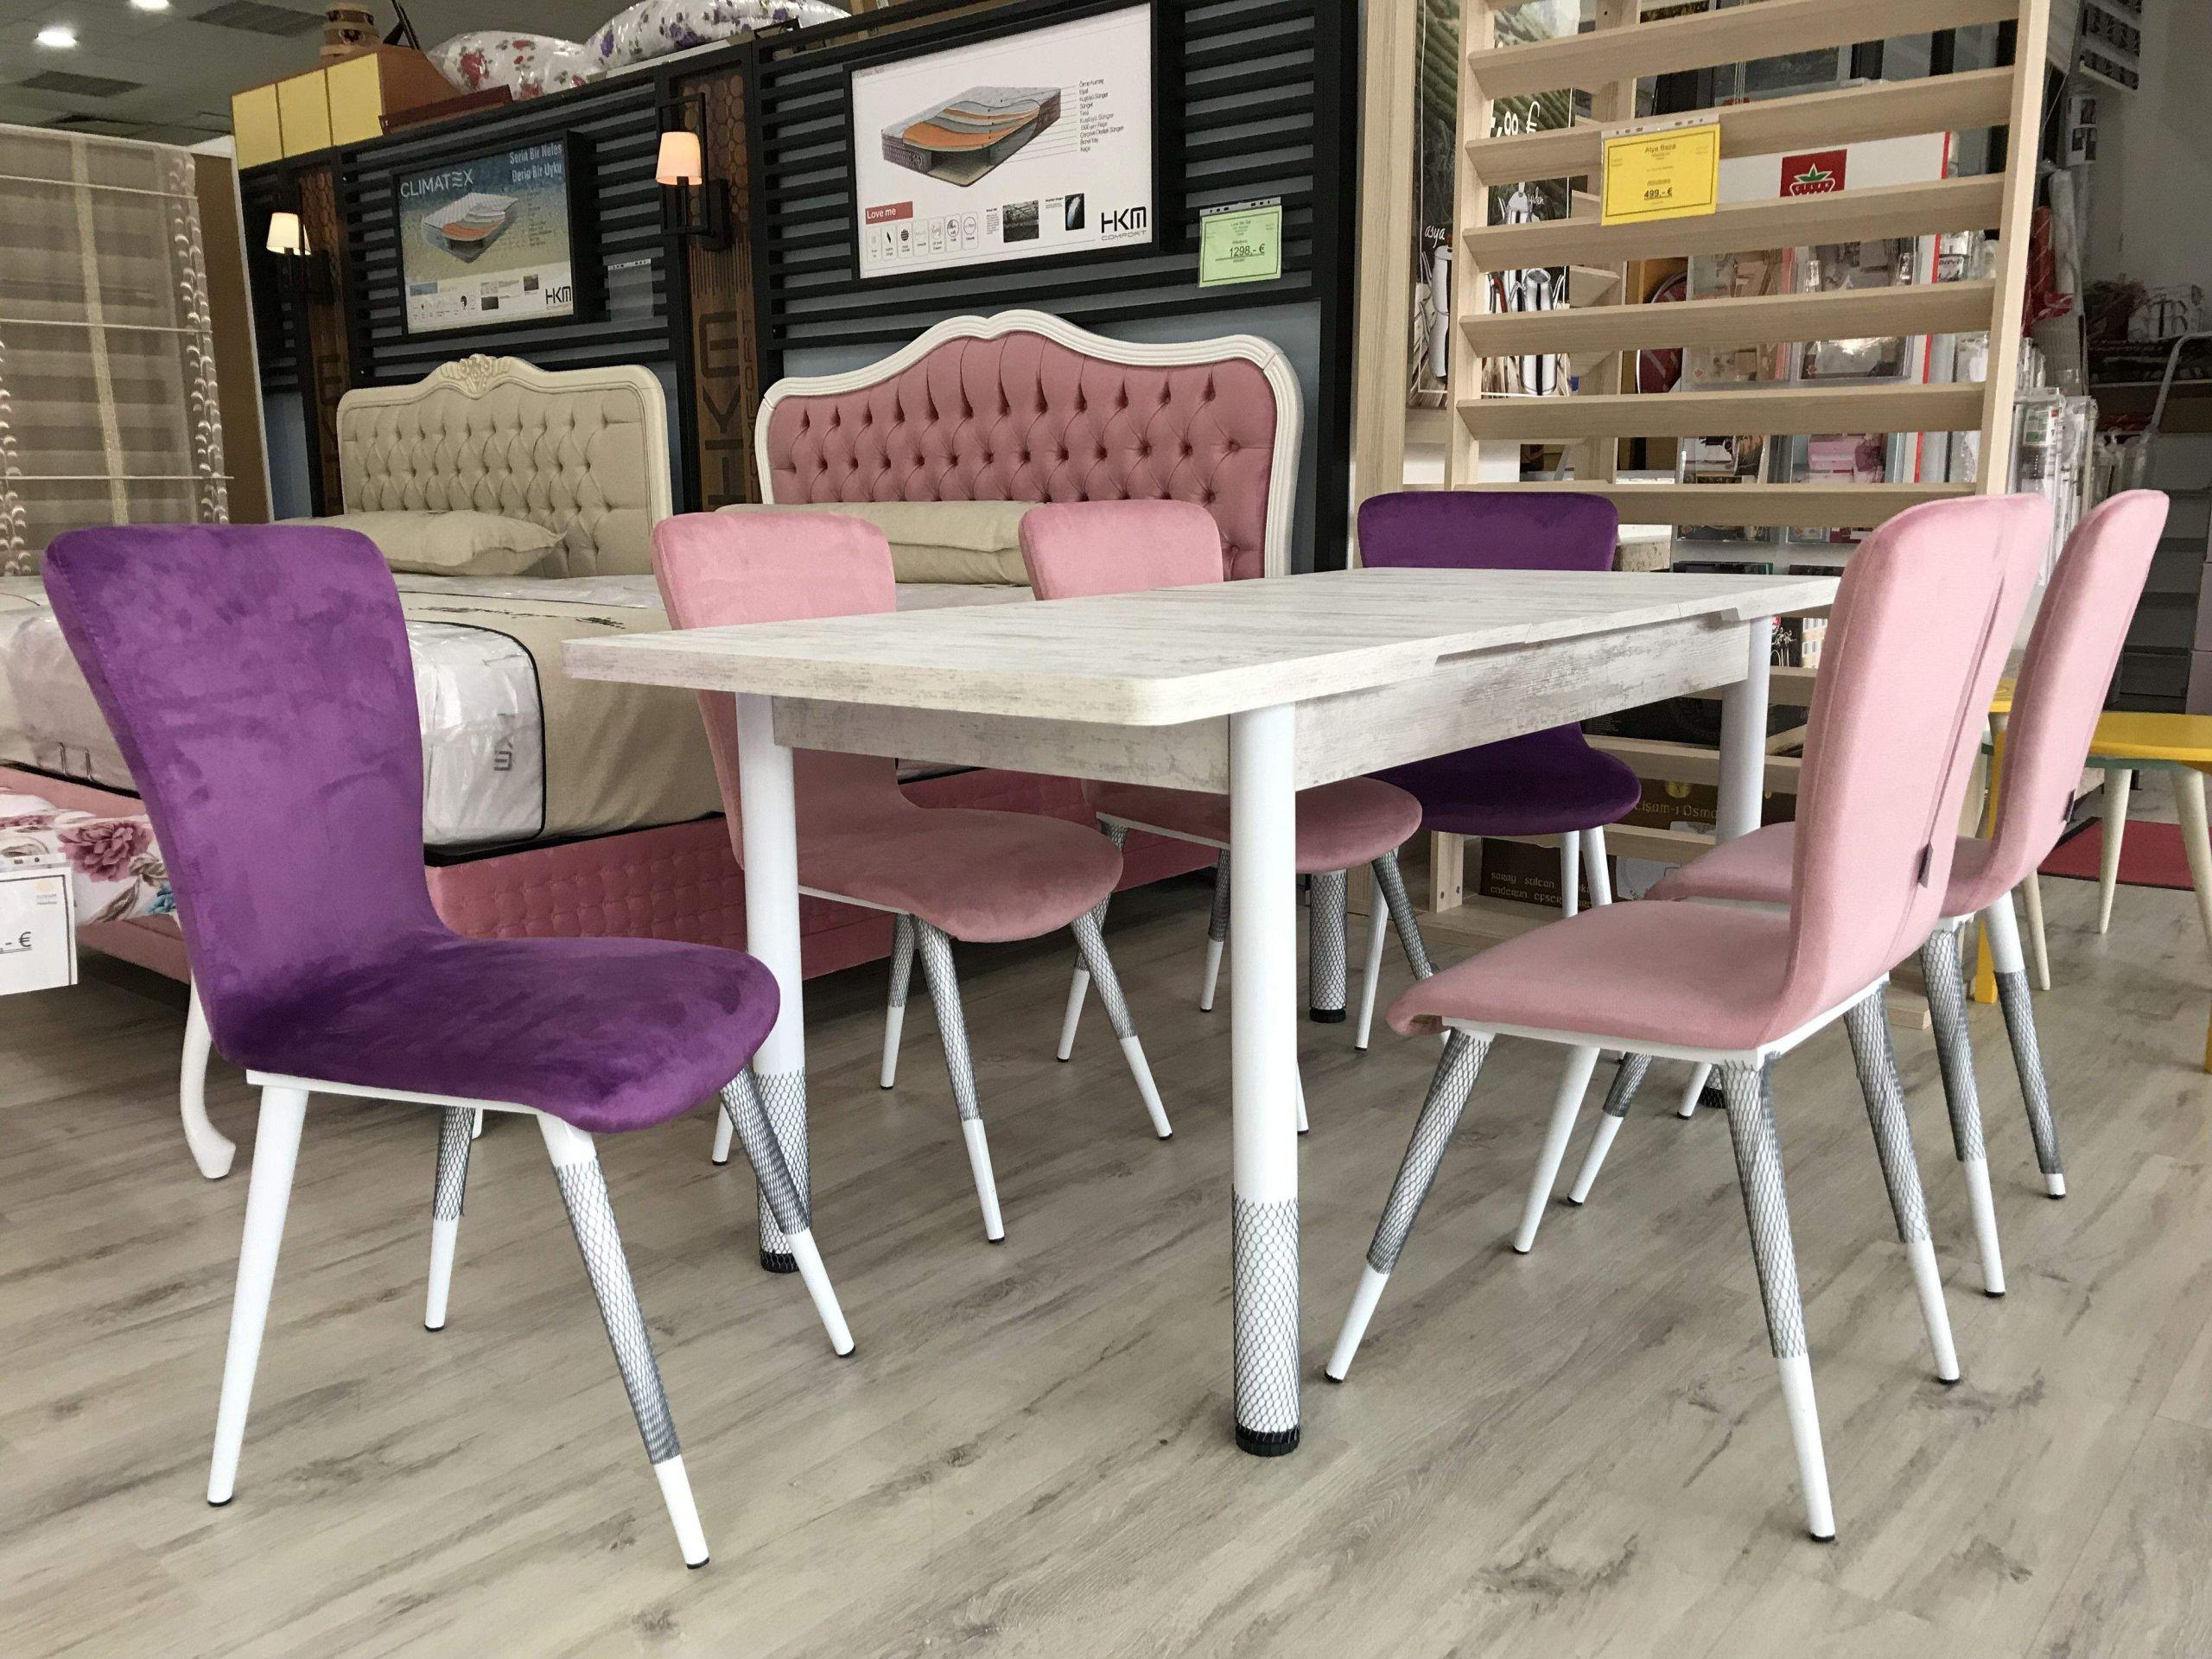 wohnzimmer stuhle luxus stuhle esstisch modern schlafzimmer tisch stuhle ideen 9 of wohnzimmer stuhle